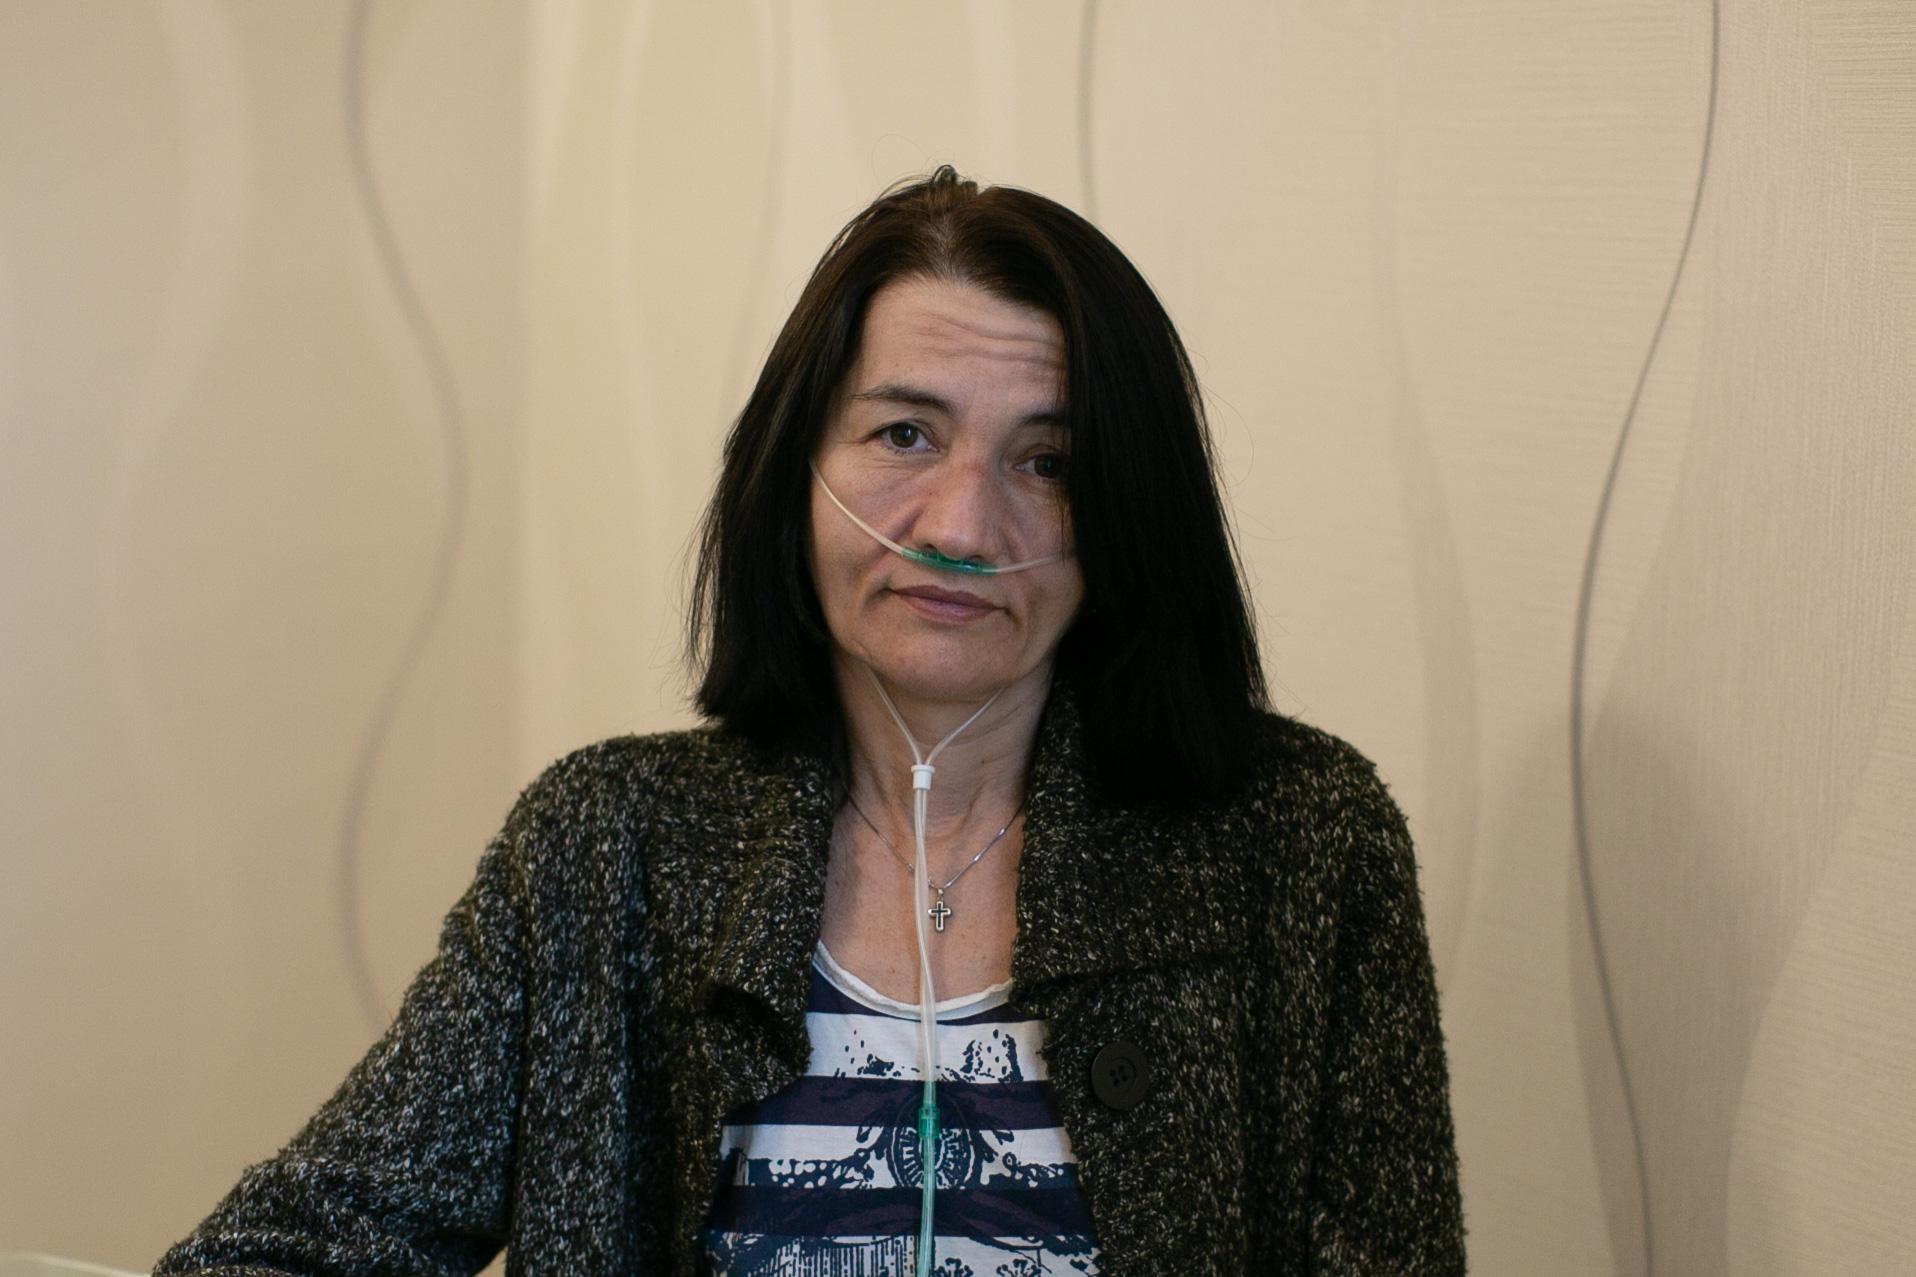 Ekateryna Rak